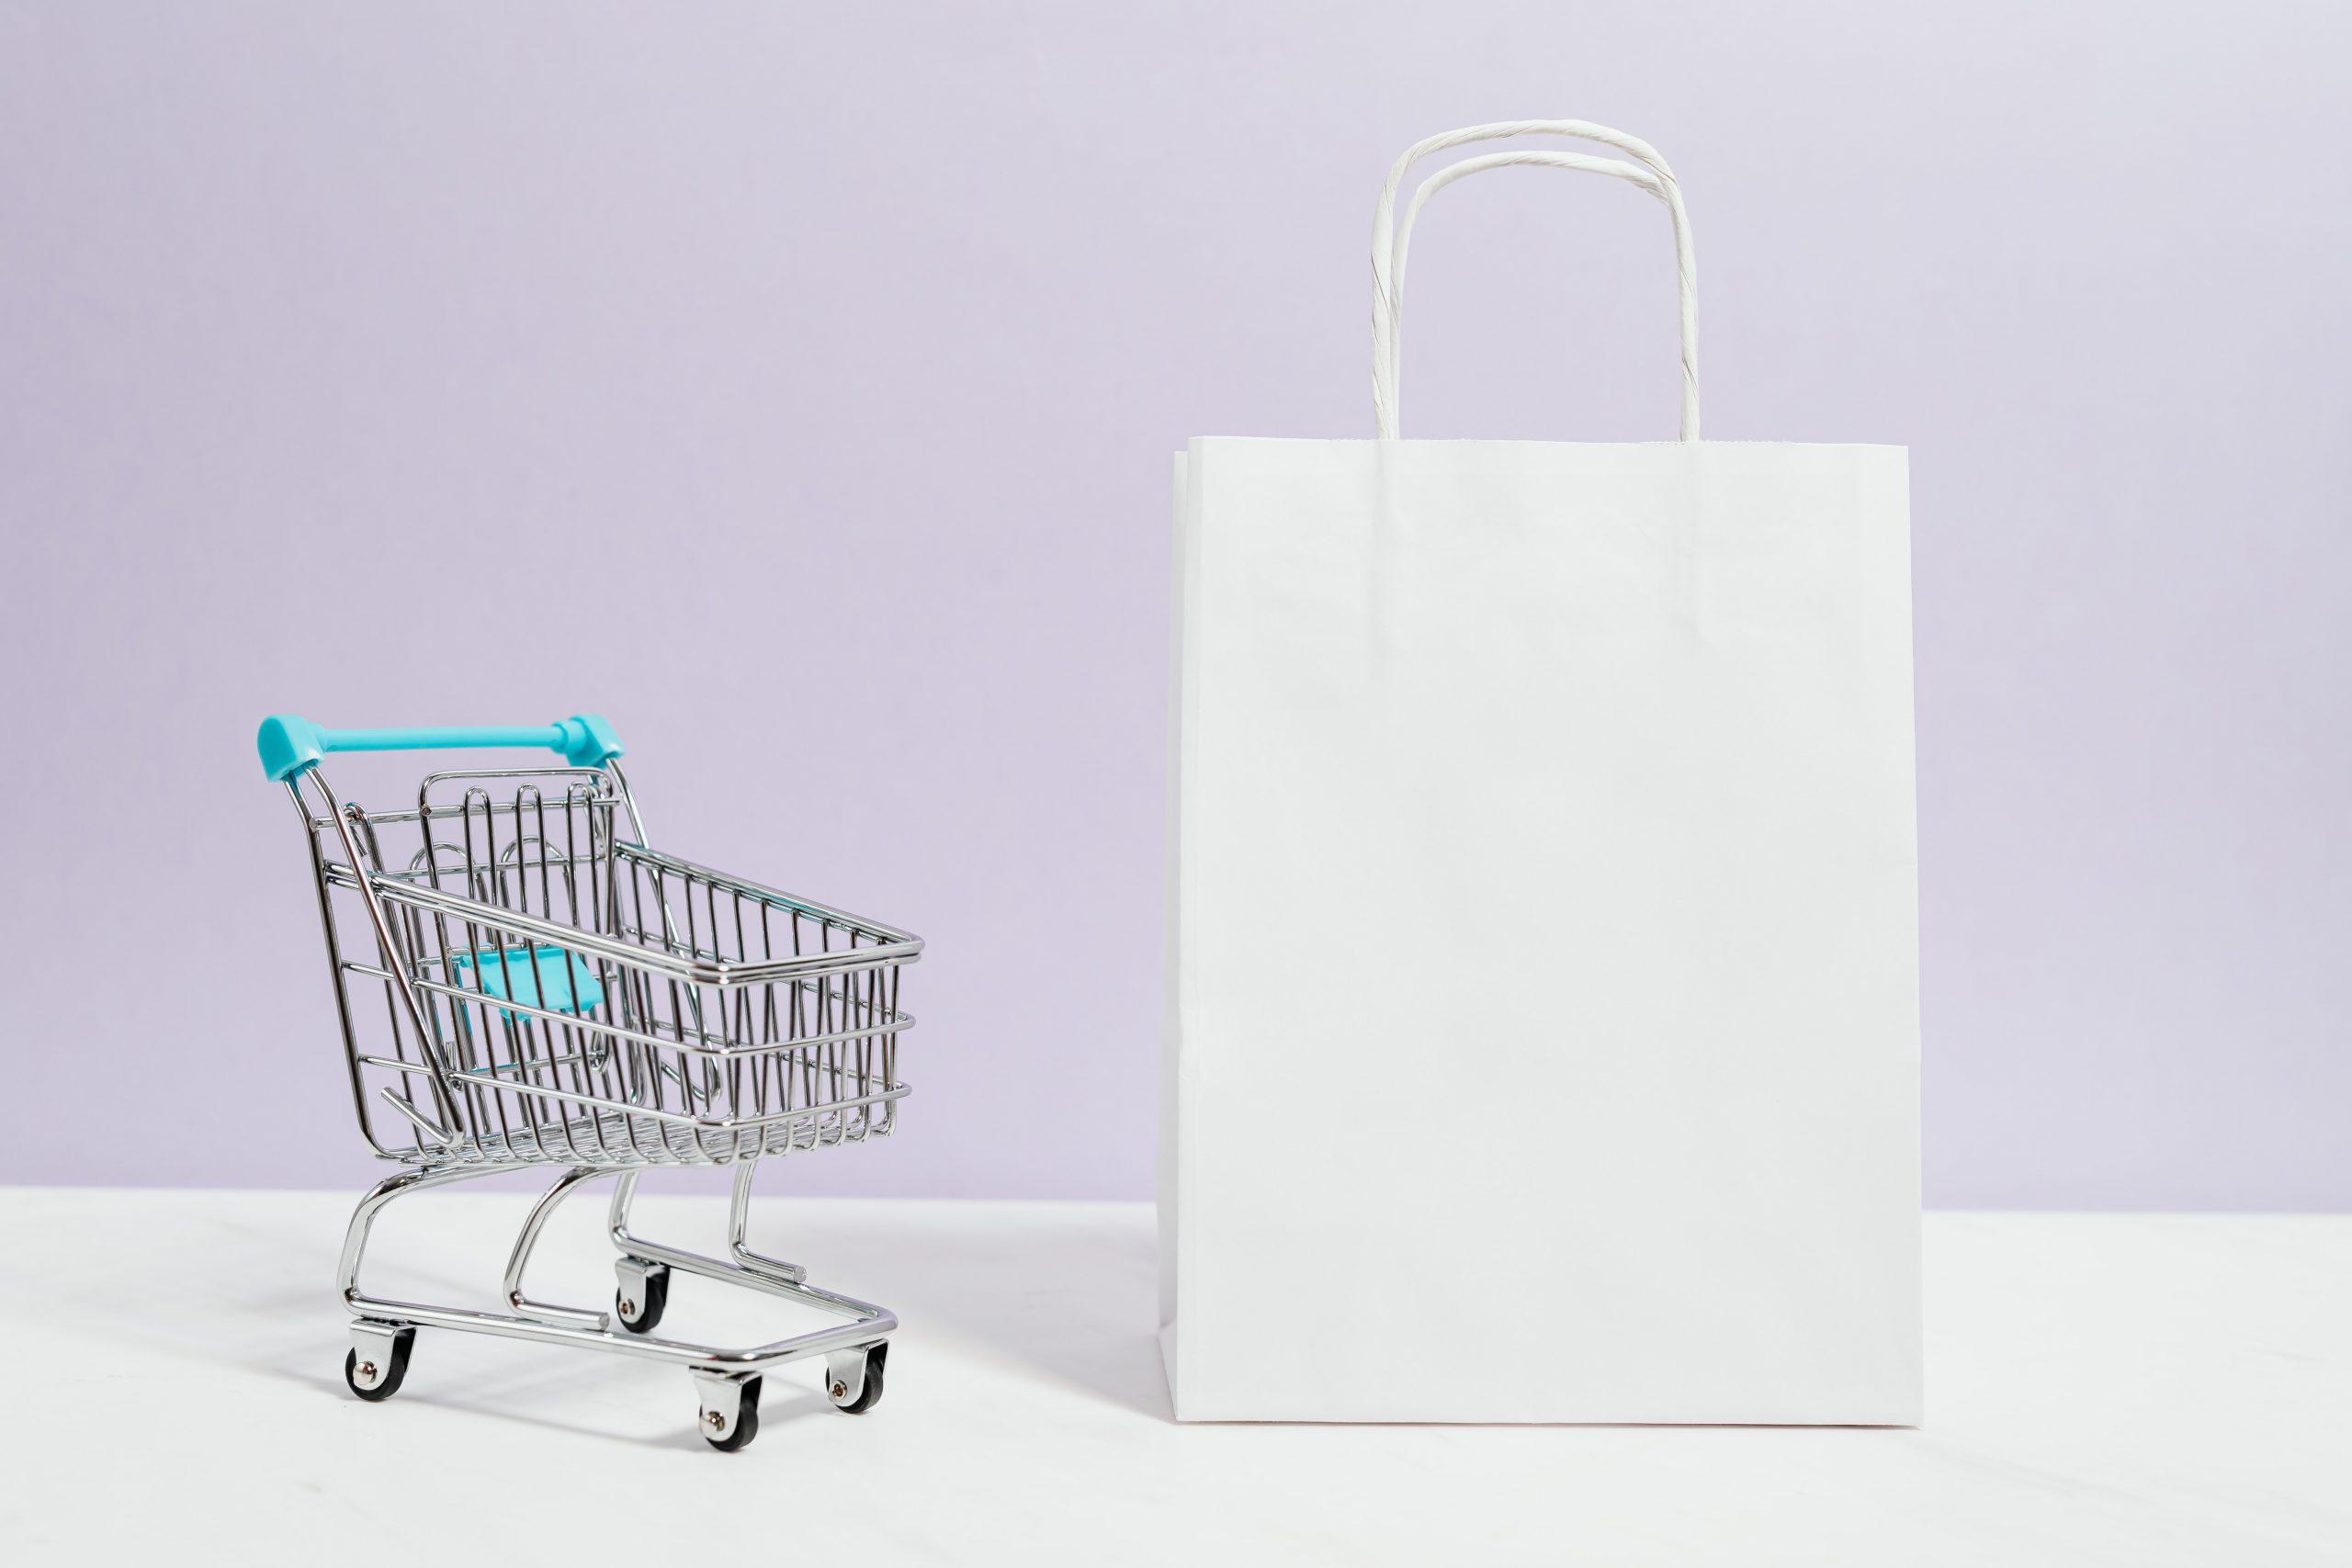 El futuro del e-commerce ya está aquí: ¿tienes todo listo?